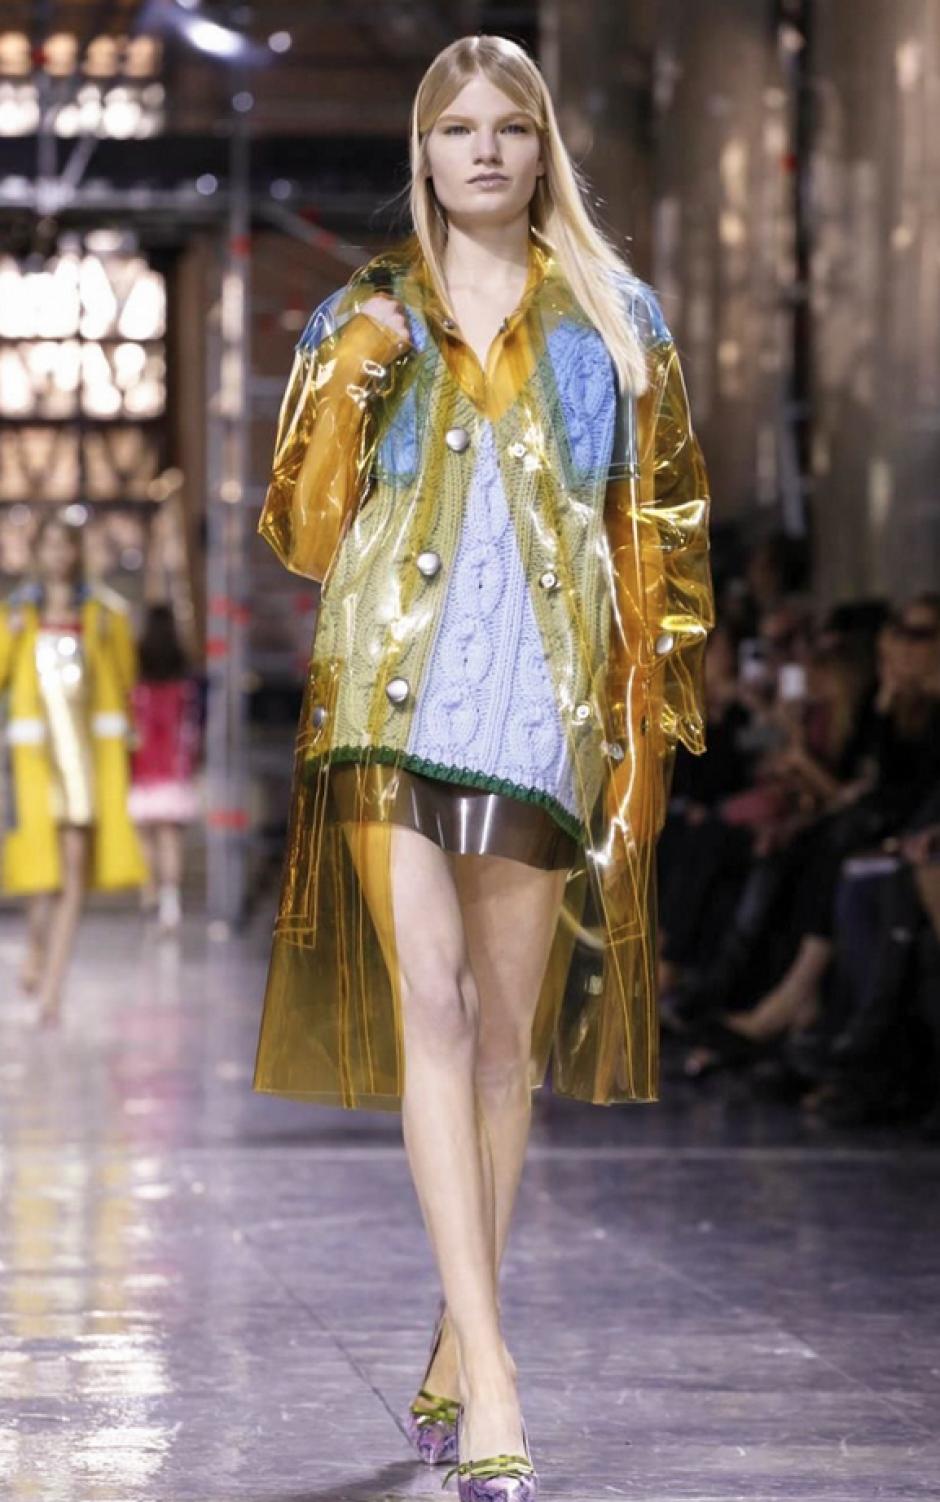 Los zapatos en punta son tendencia en todas las colecciones de la semana de la moda en París. (Foto: NowFashion)